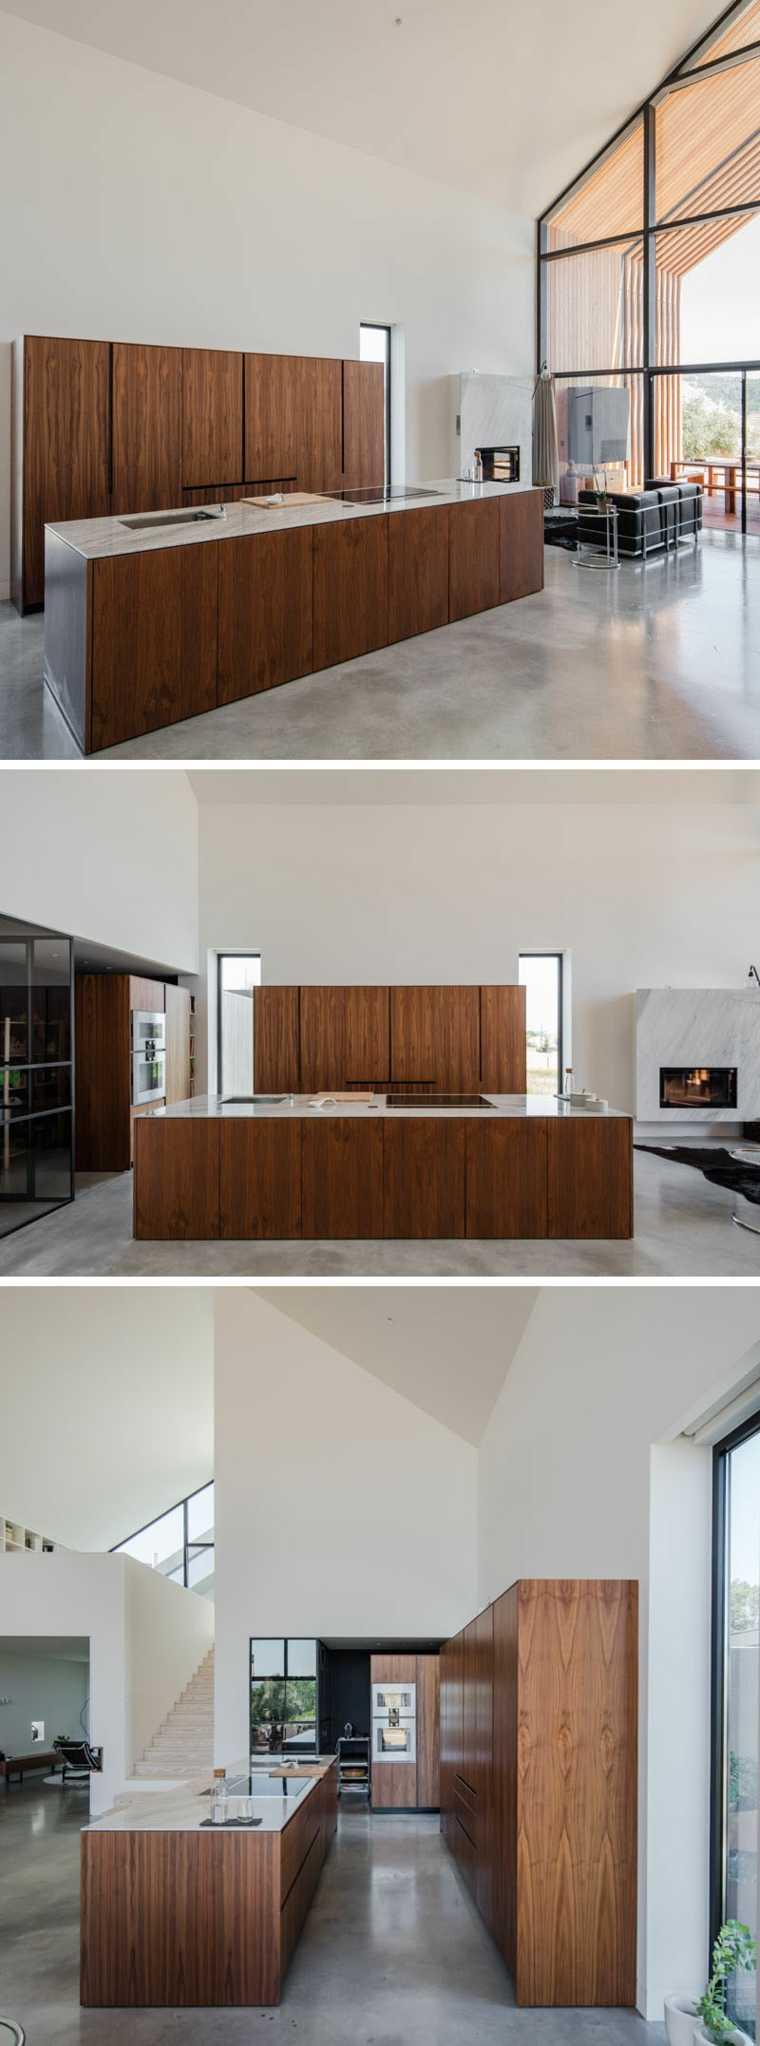 Casas modernas diseño de Ourém por Filipe Saraiva Arquitectos